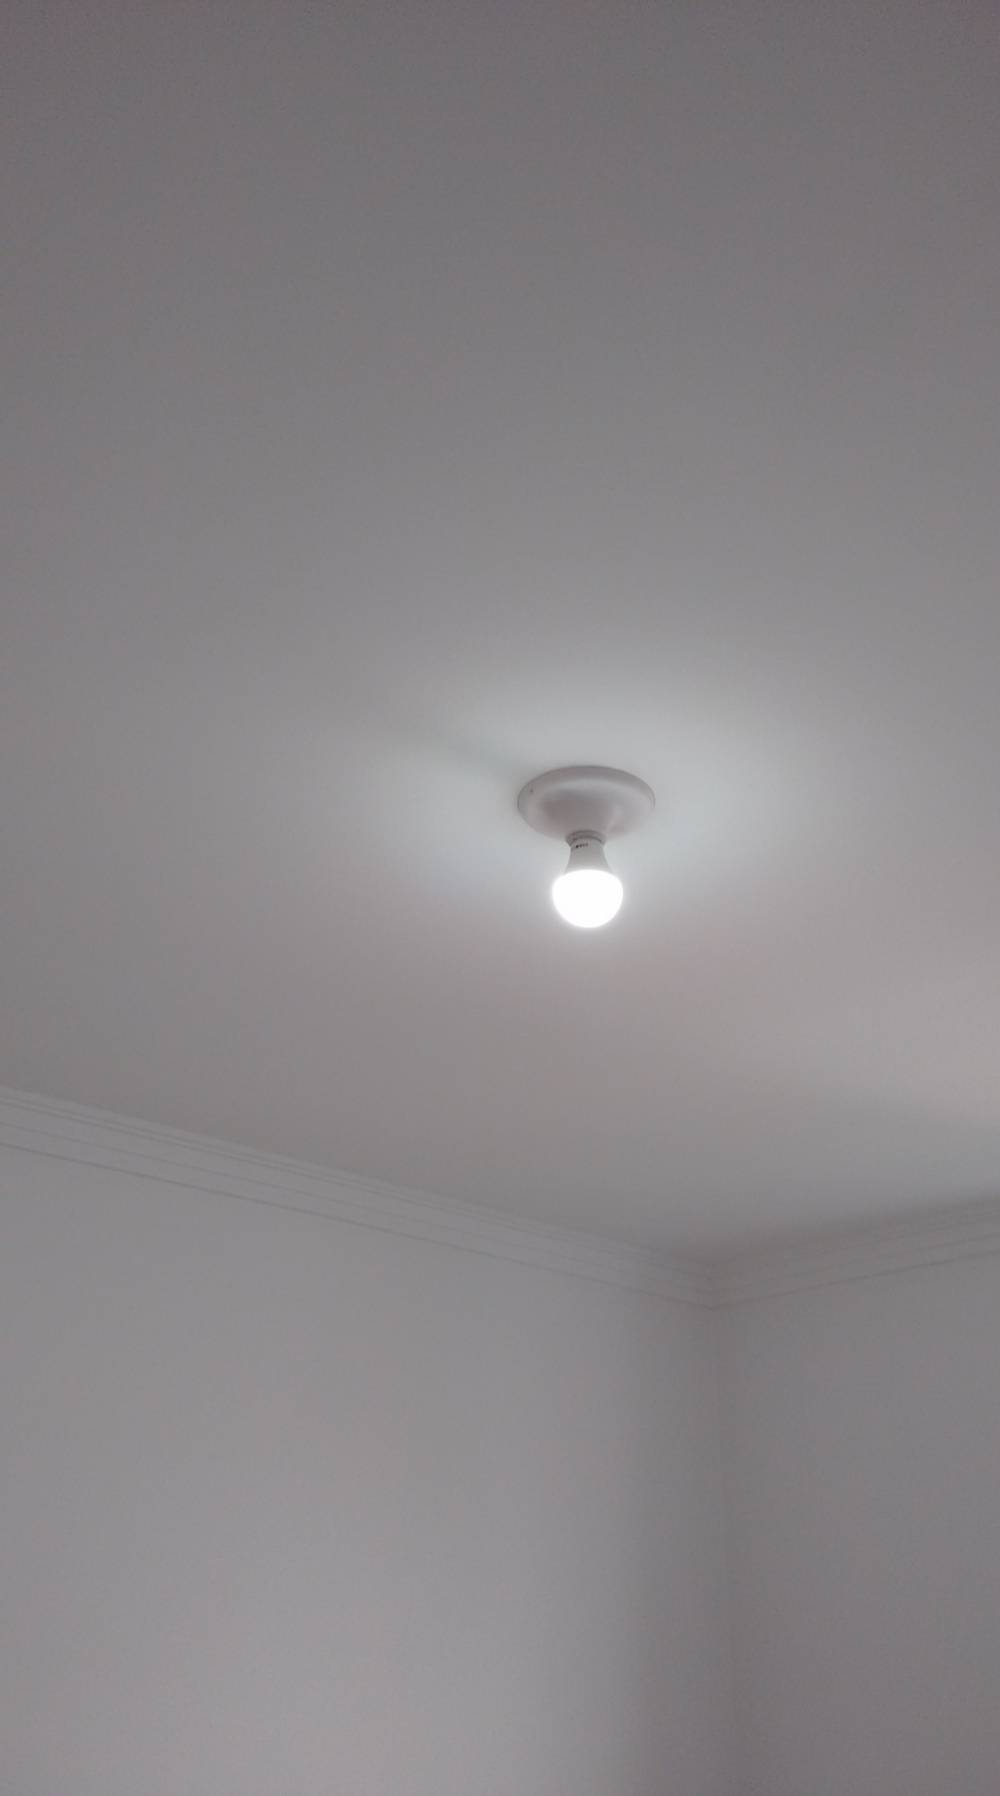 Serviço de Eletricidade Residencial Quanto Custa no Jardim Aurélia - Eletricista em SP